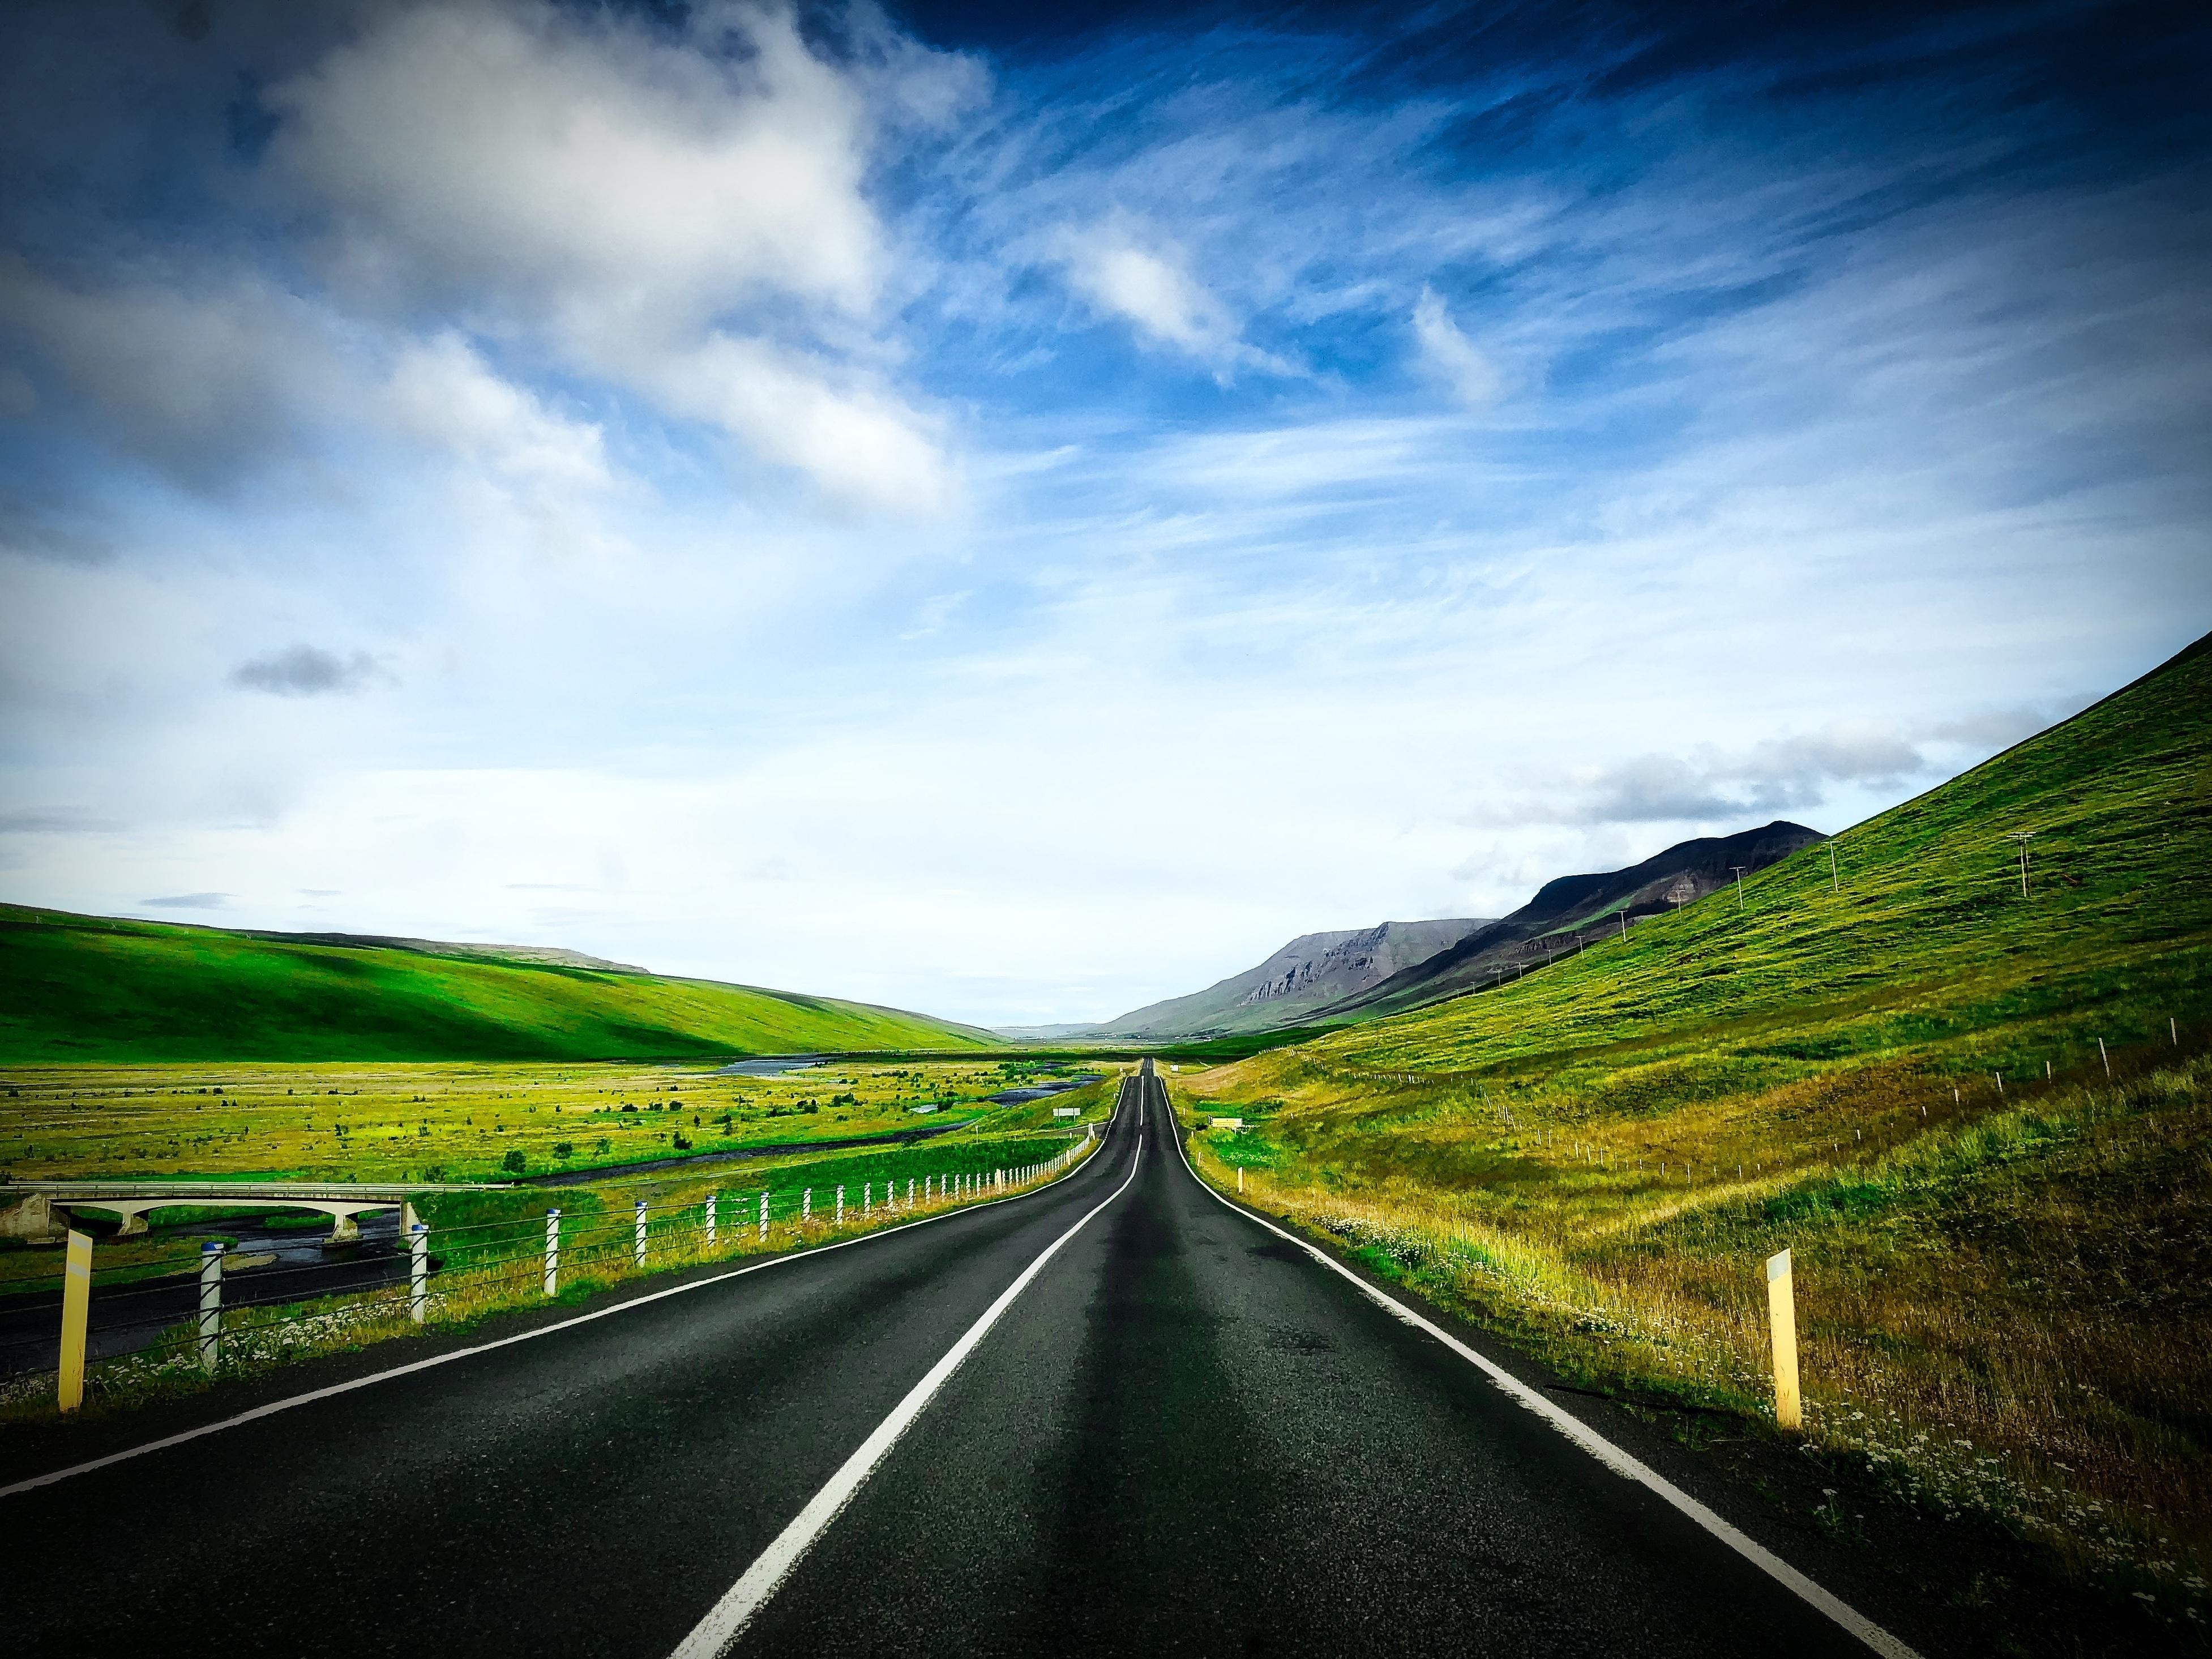 особенно хороша картинки дорога вверх компания технониколь